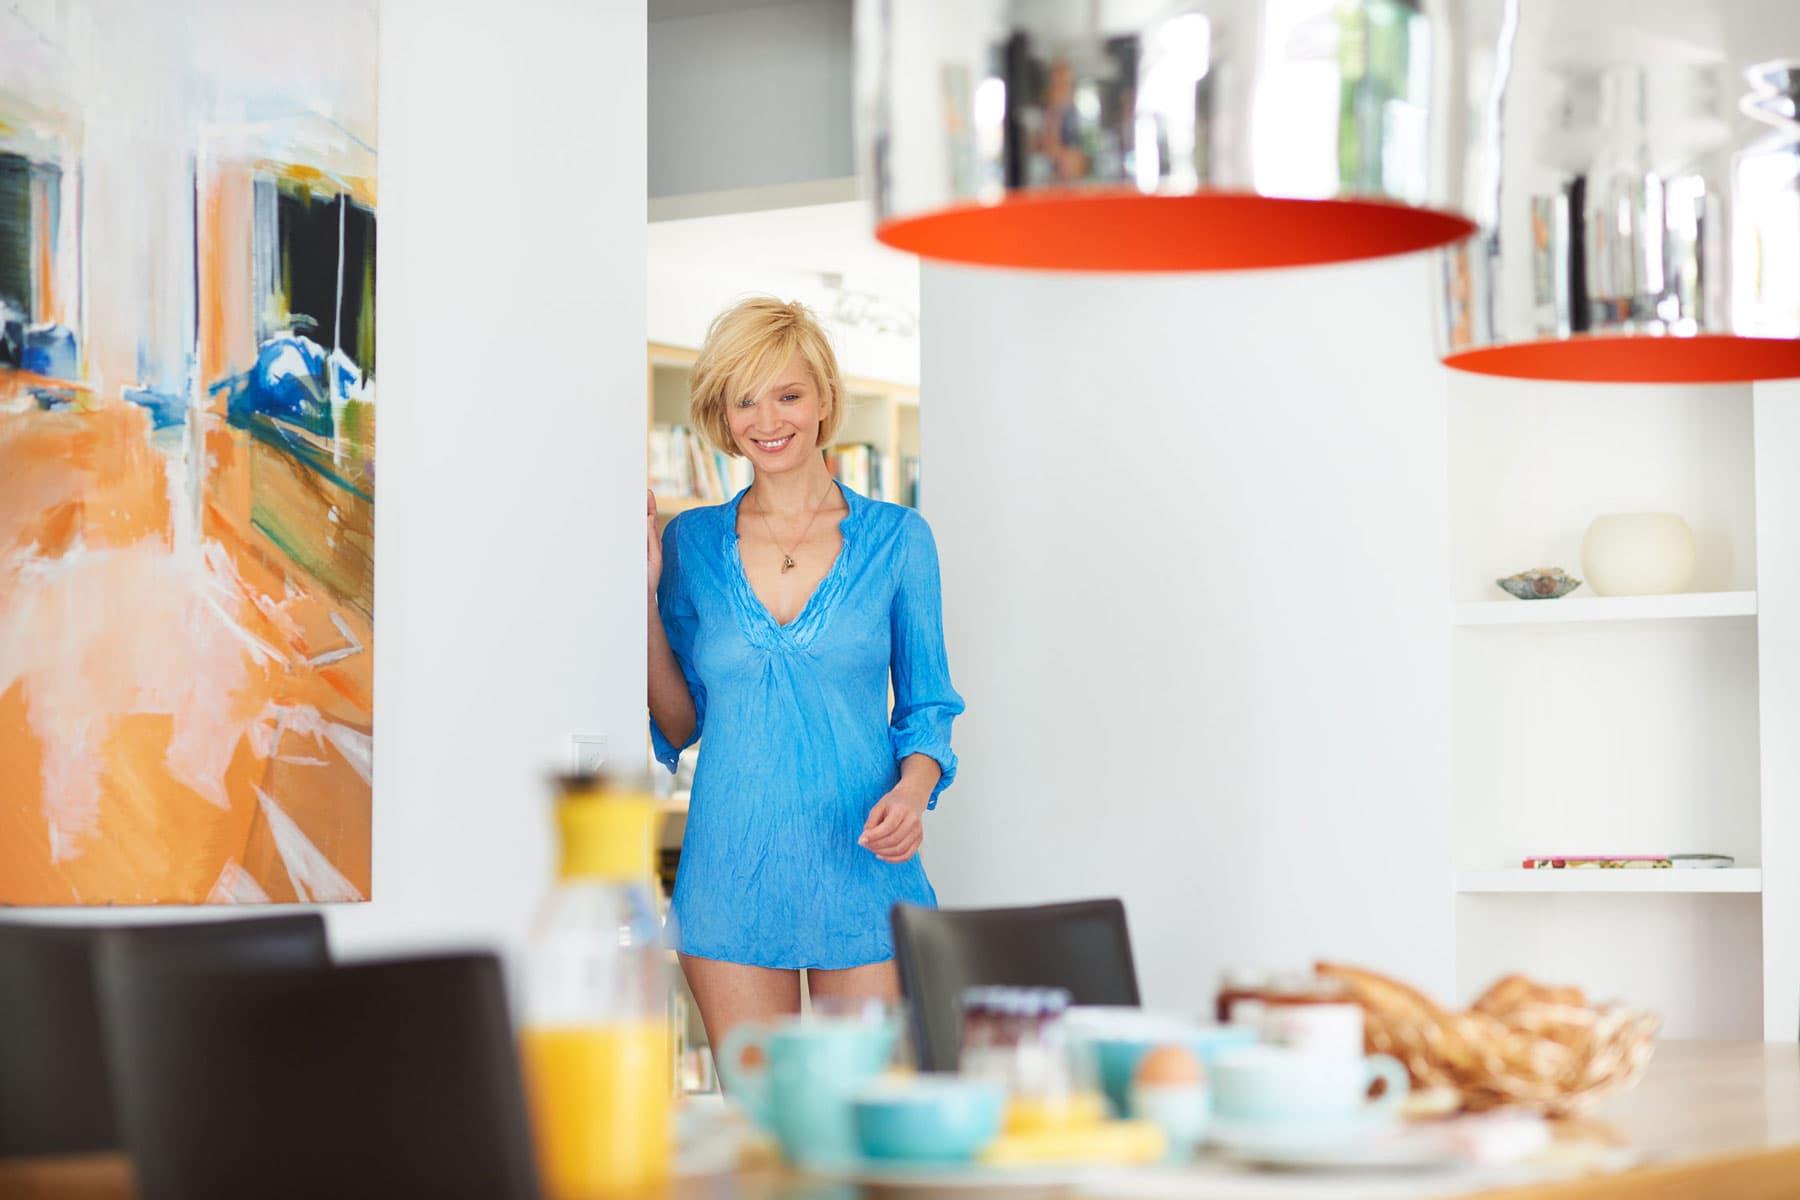 Portrait einer gerade aufgestandenen Frau, die glücklich an den gedeckten Frühstückstisch kommt